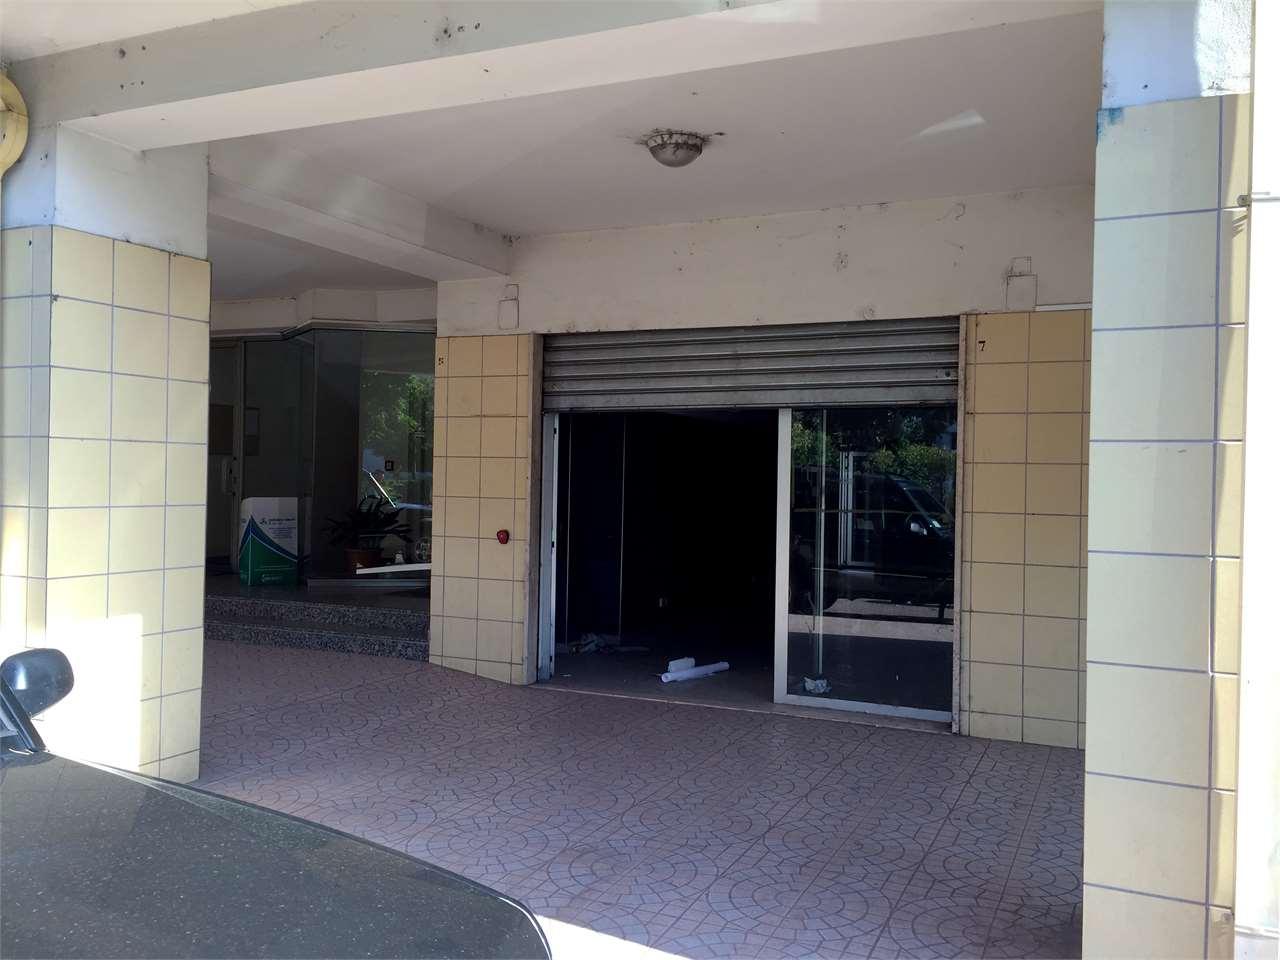 Magazzino in vendita a Rende, 9999 locali, zona Zona: Quattromiglia, prezzo € 160.000 | CambioCasa.it